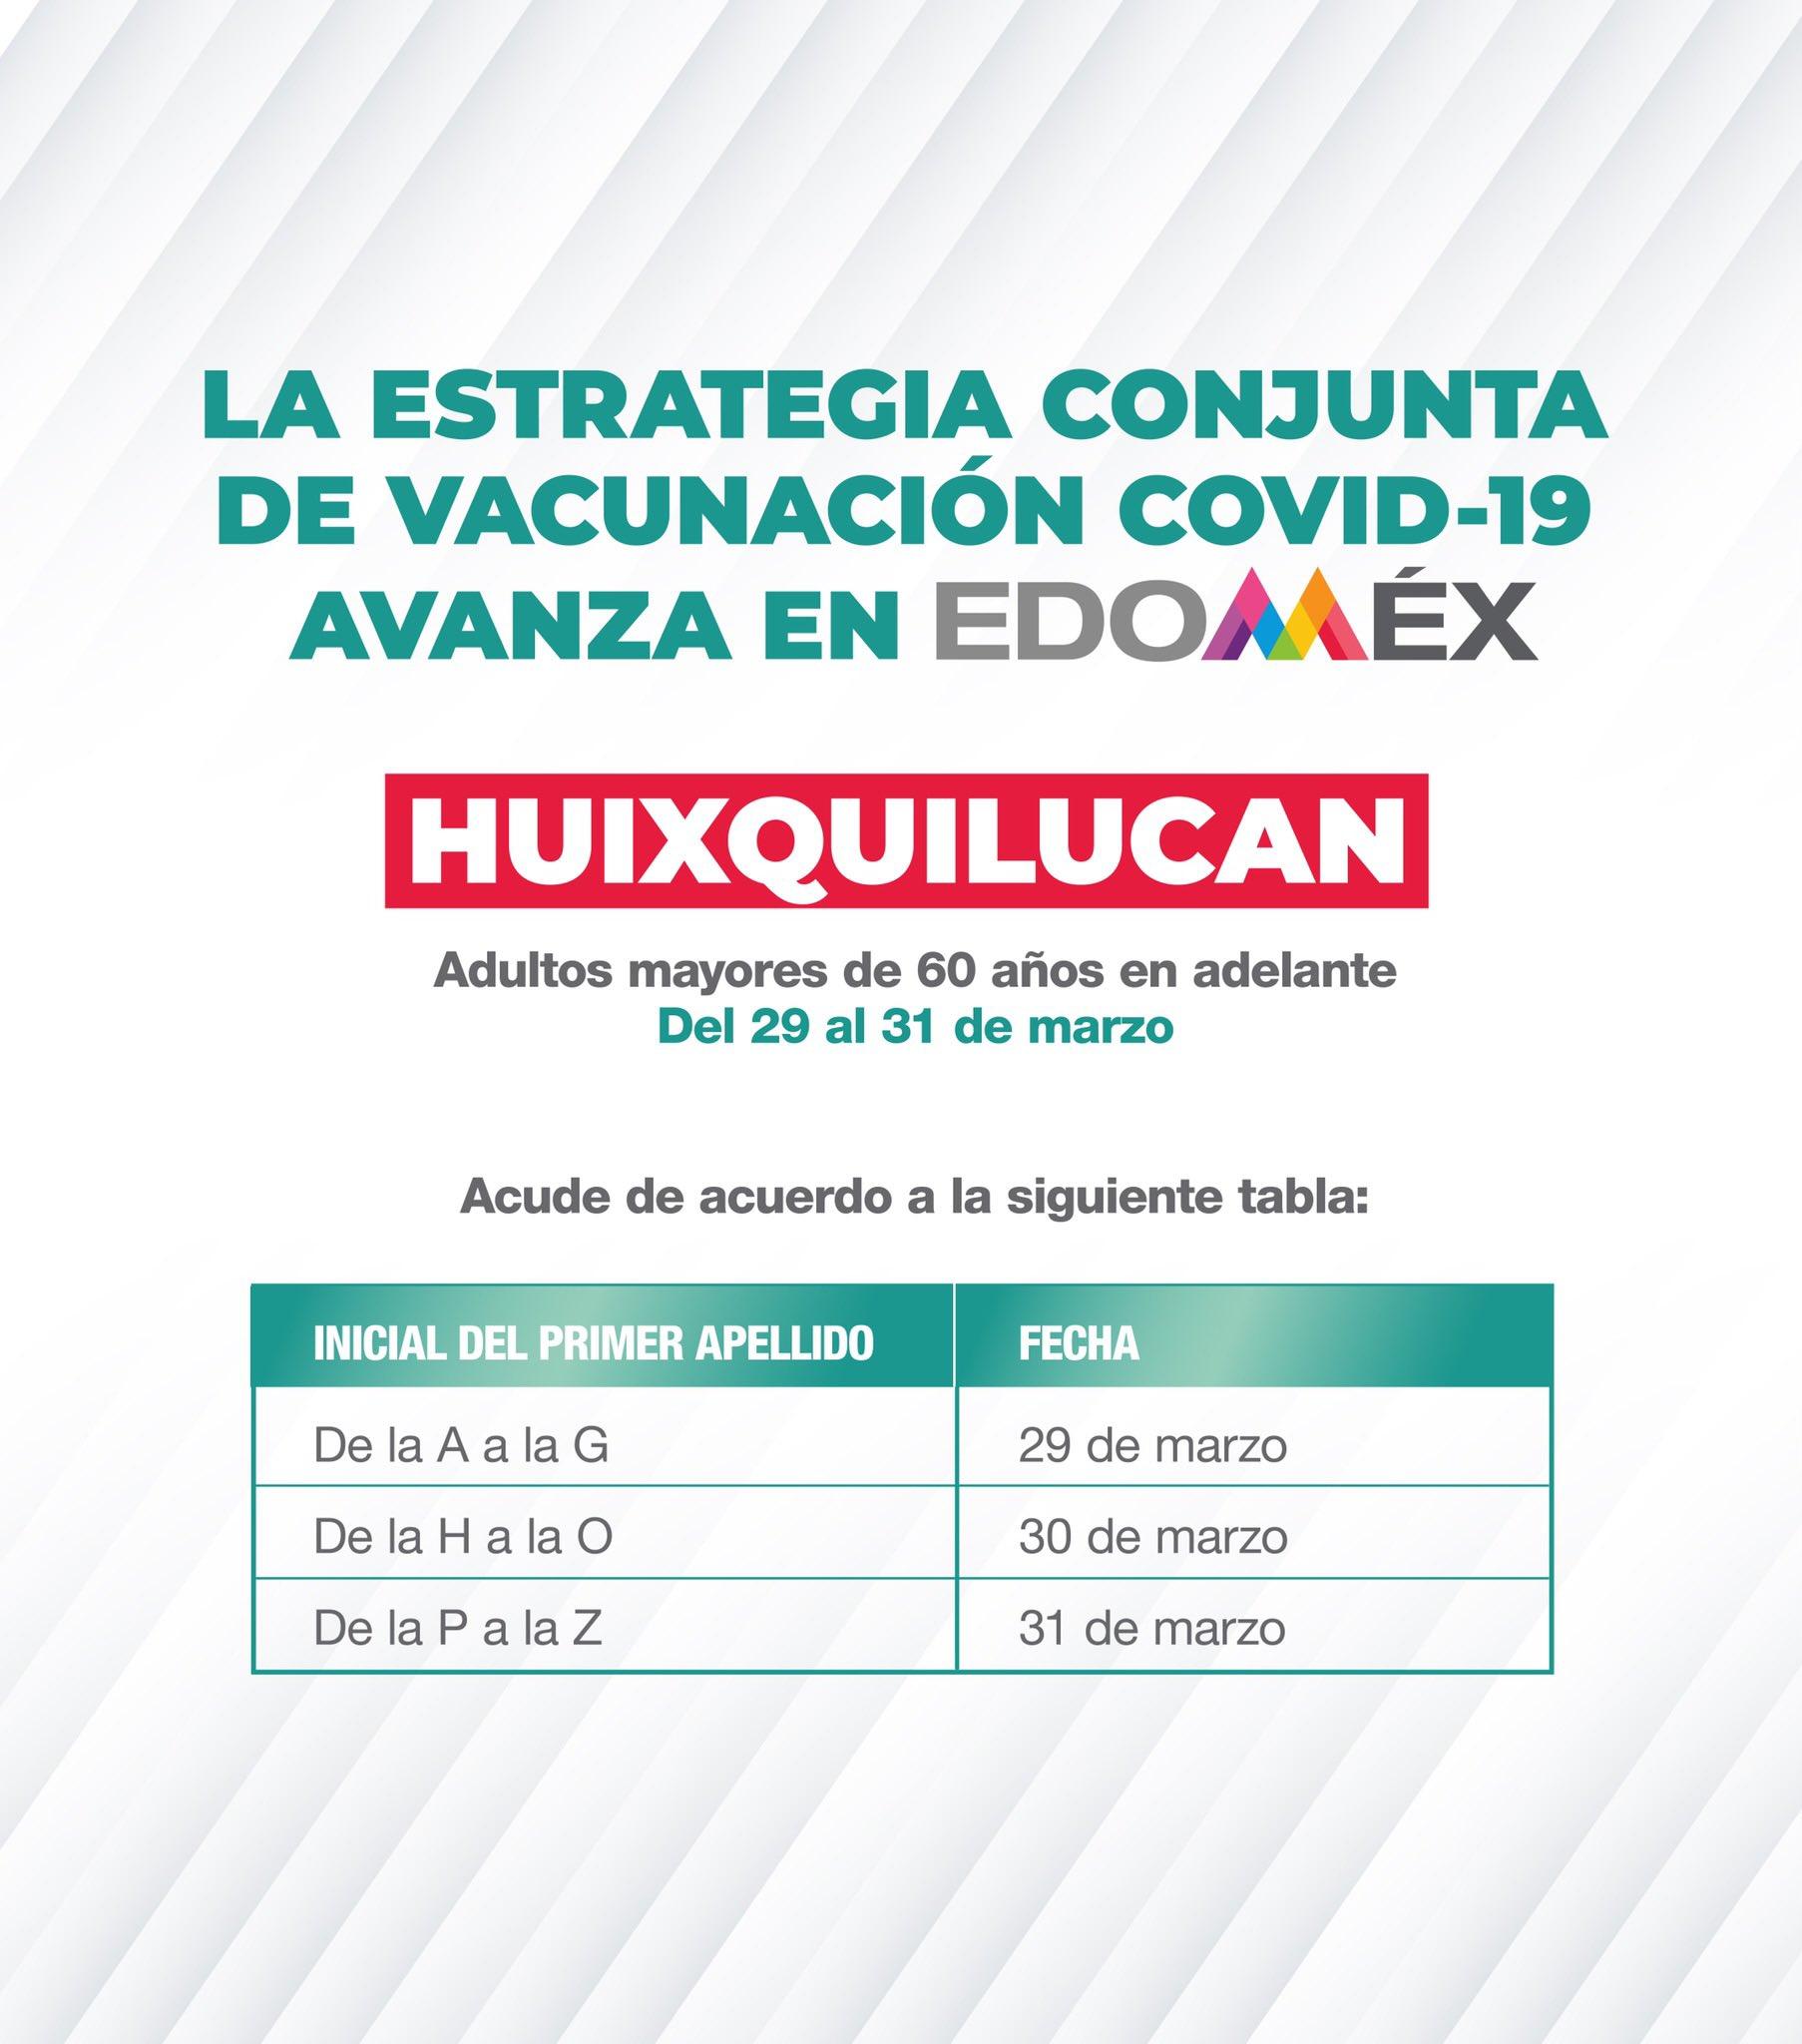 Del 29 al 31 de marzo se llevará a cabo la vacunación contra COVID-19 para las personas adultas mayores de Huixquilucan